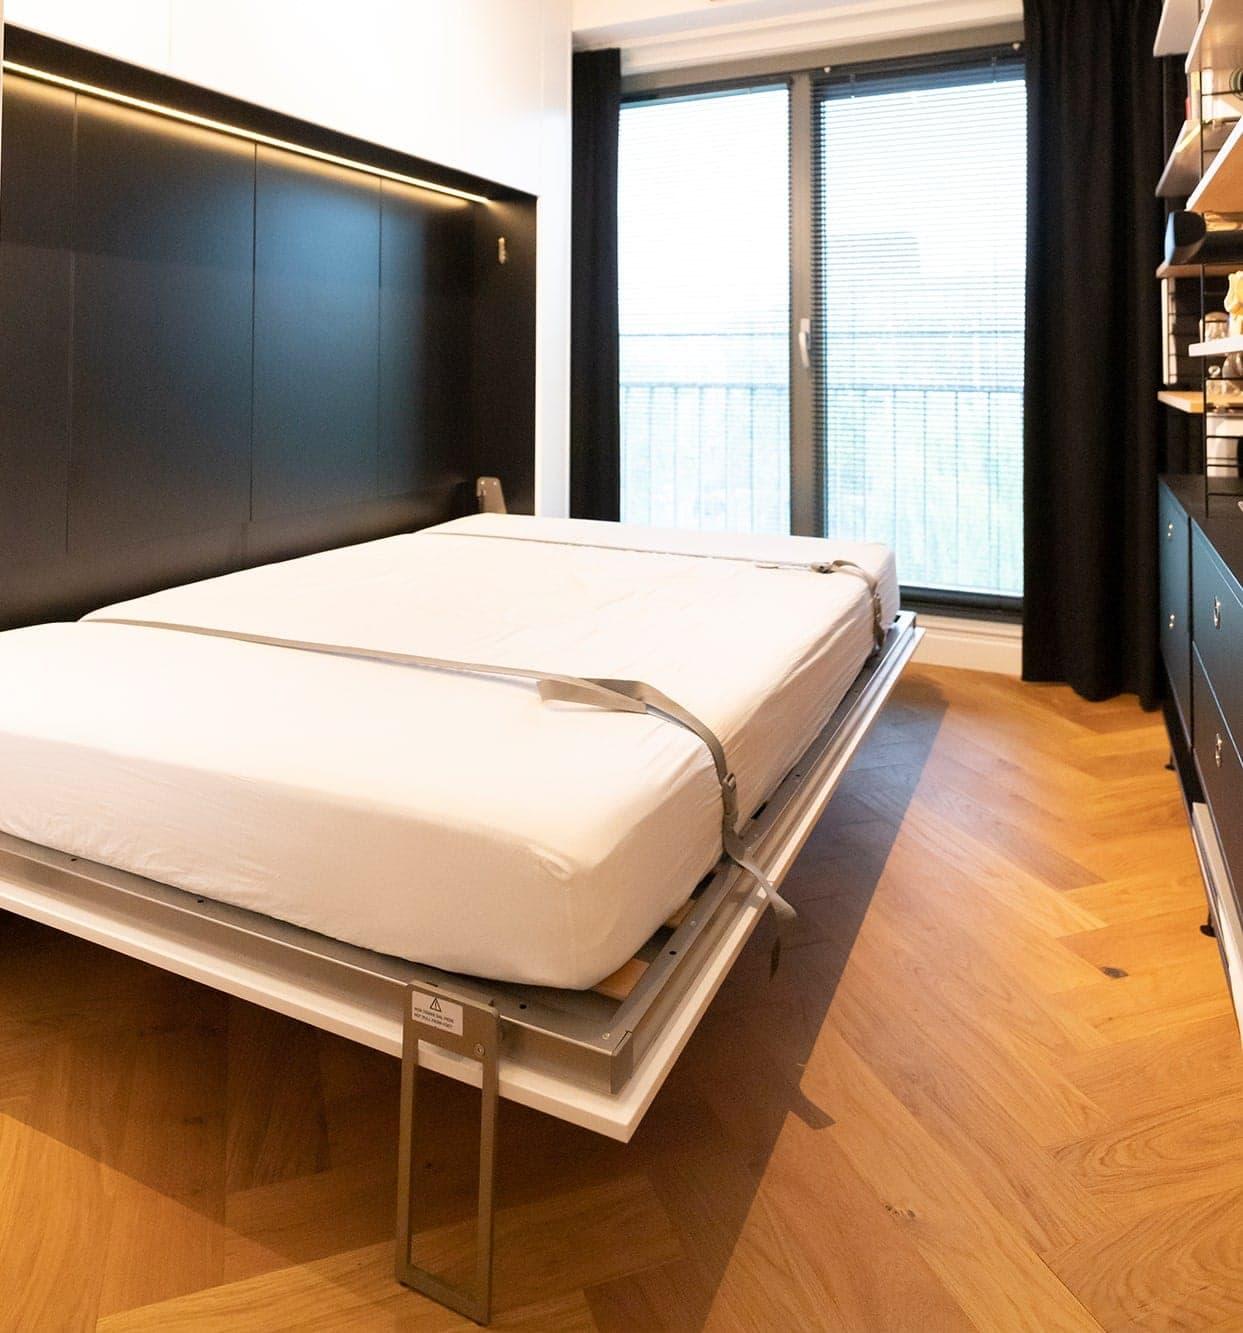 Atelier19 Inklapbed Kast Op Maat gemaakt door interieurbouwer Bergschenhoek